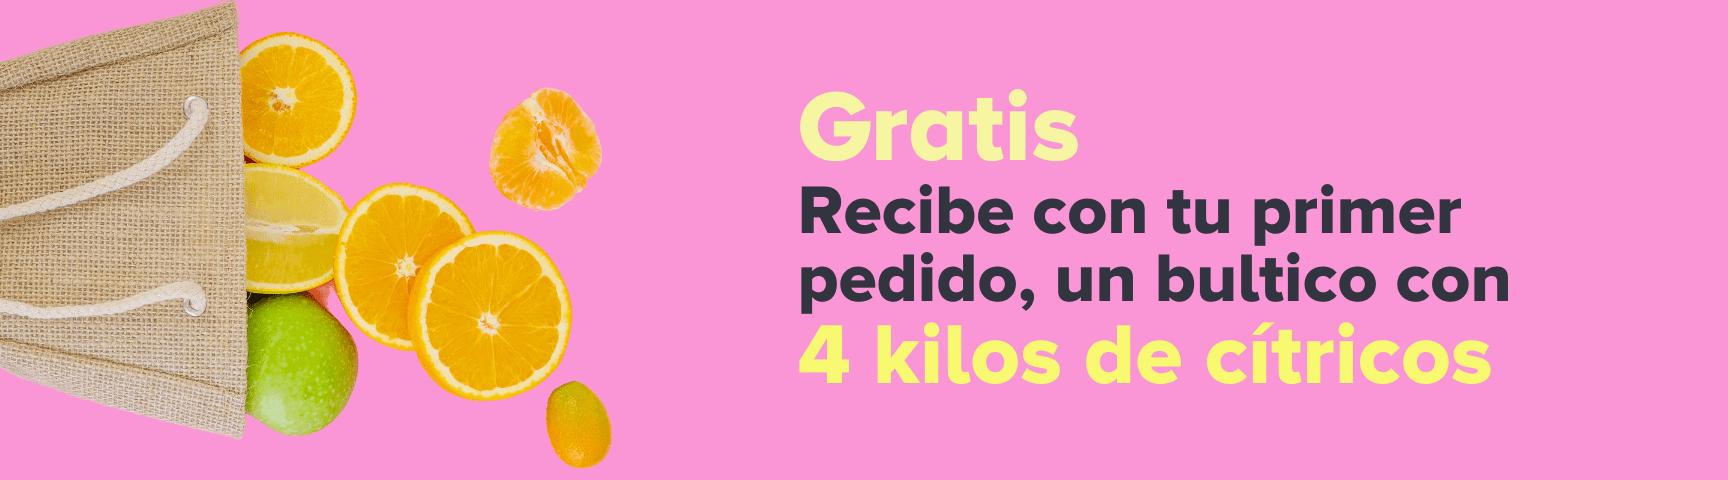 Gratis 4 kilos de cítricos por compras superiores a 80mil pesos en BoniFresh